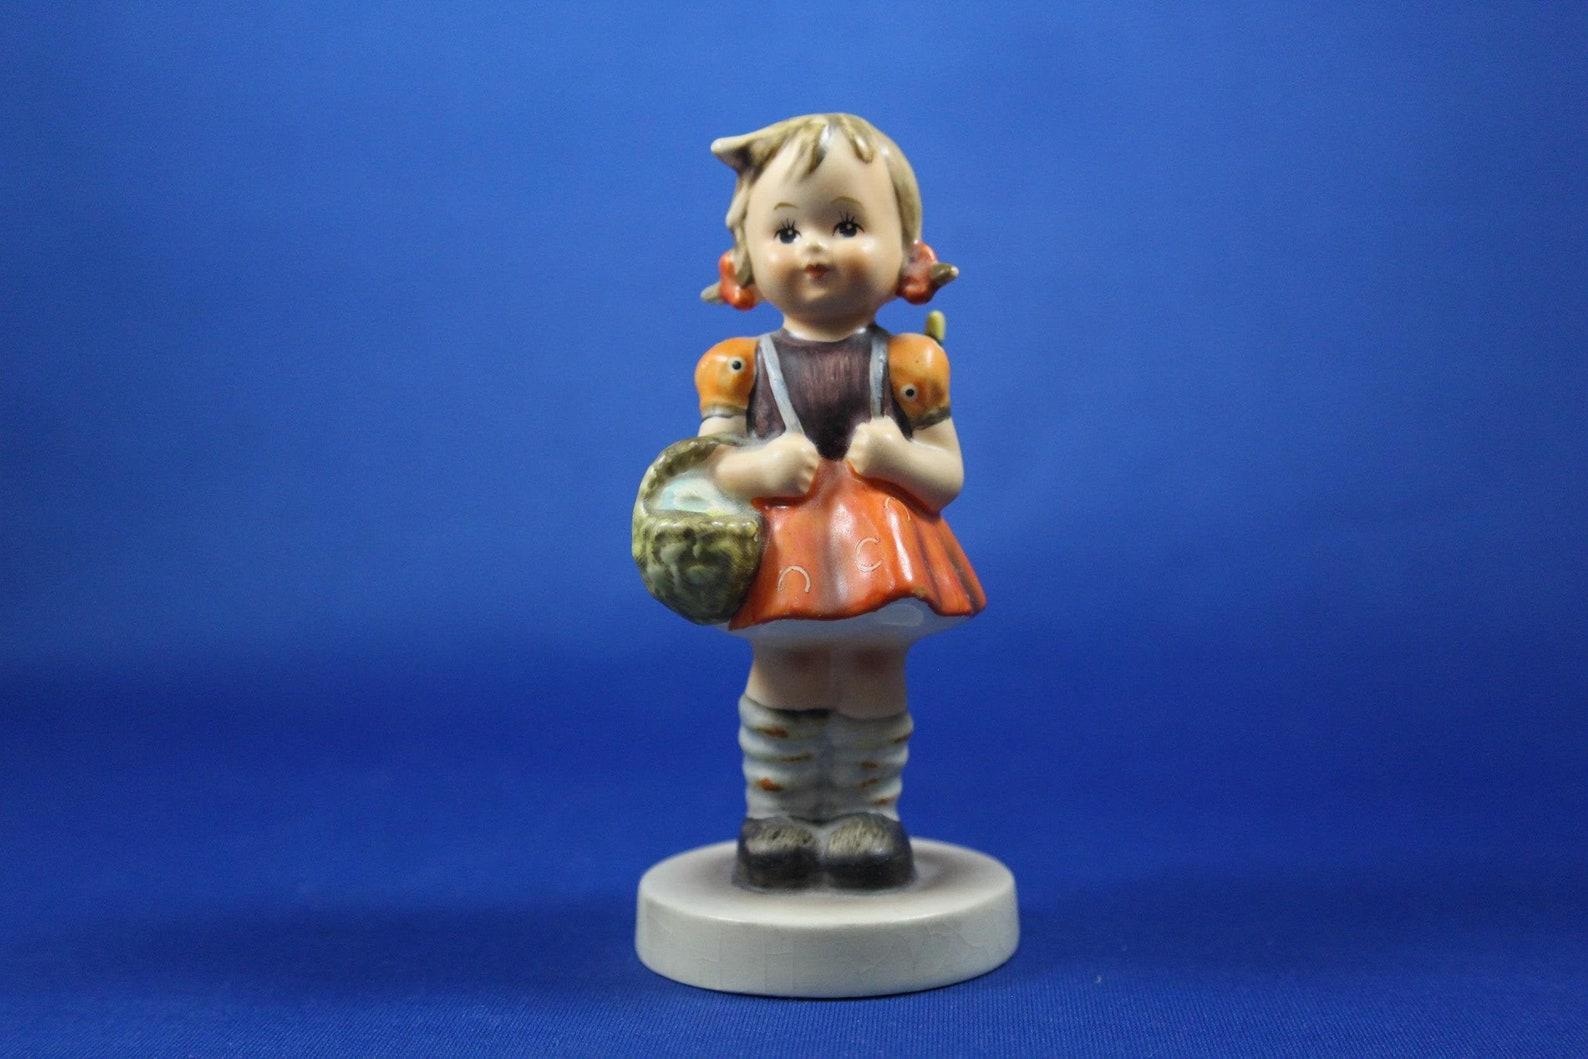 School Girl Hummel Figurine, 1960s era, TMK 3 Stylized Bee, 4 1/4